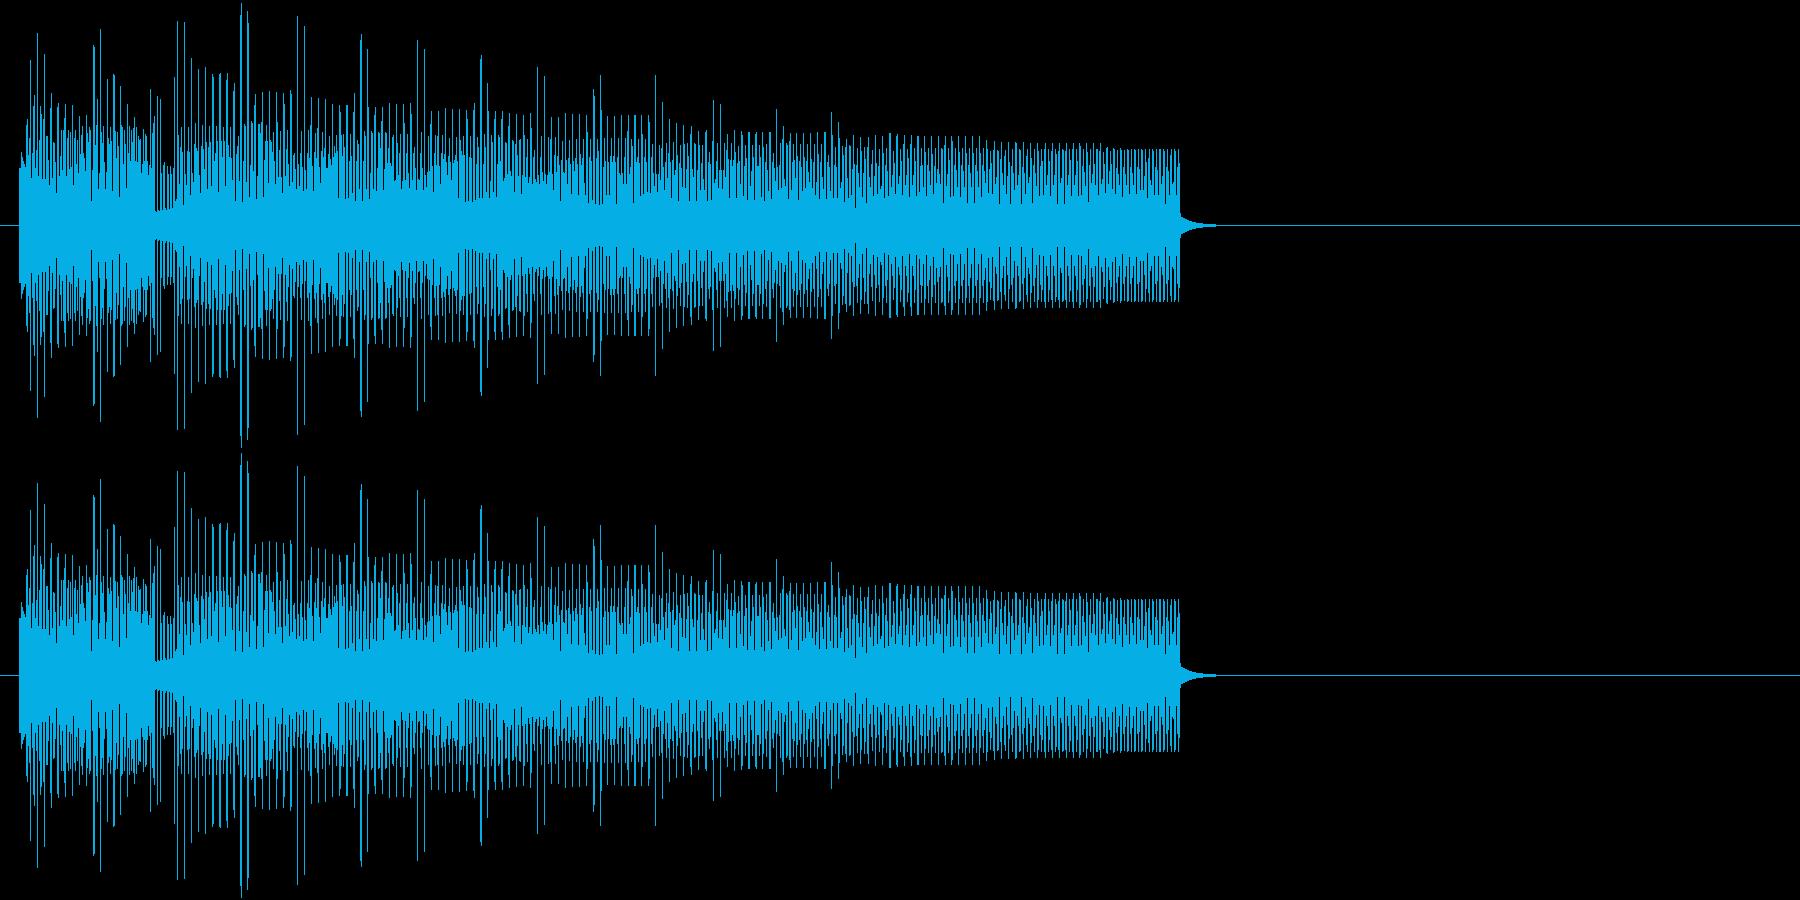 8bitでブブー!ハズレの音の再生済みの波形